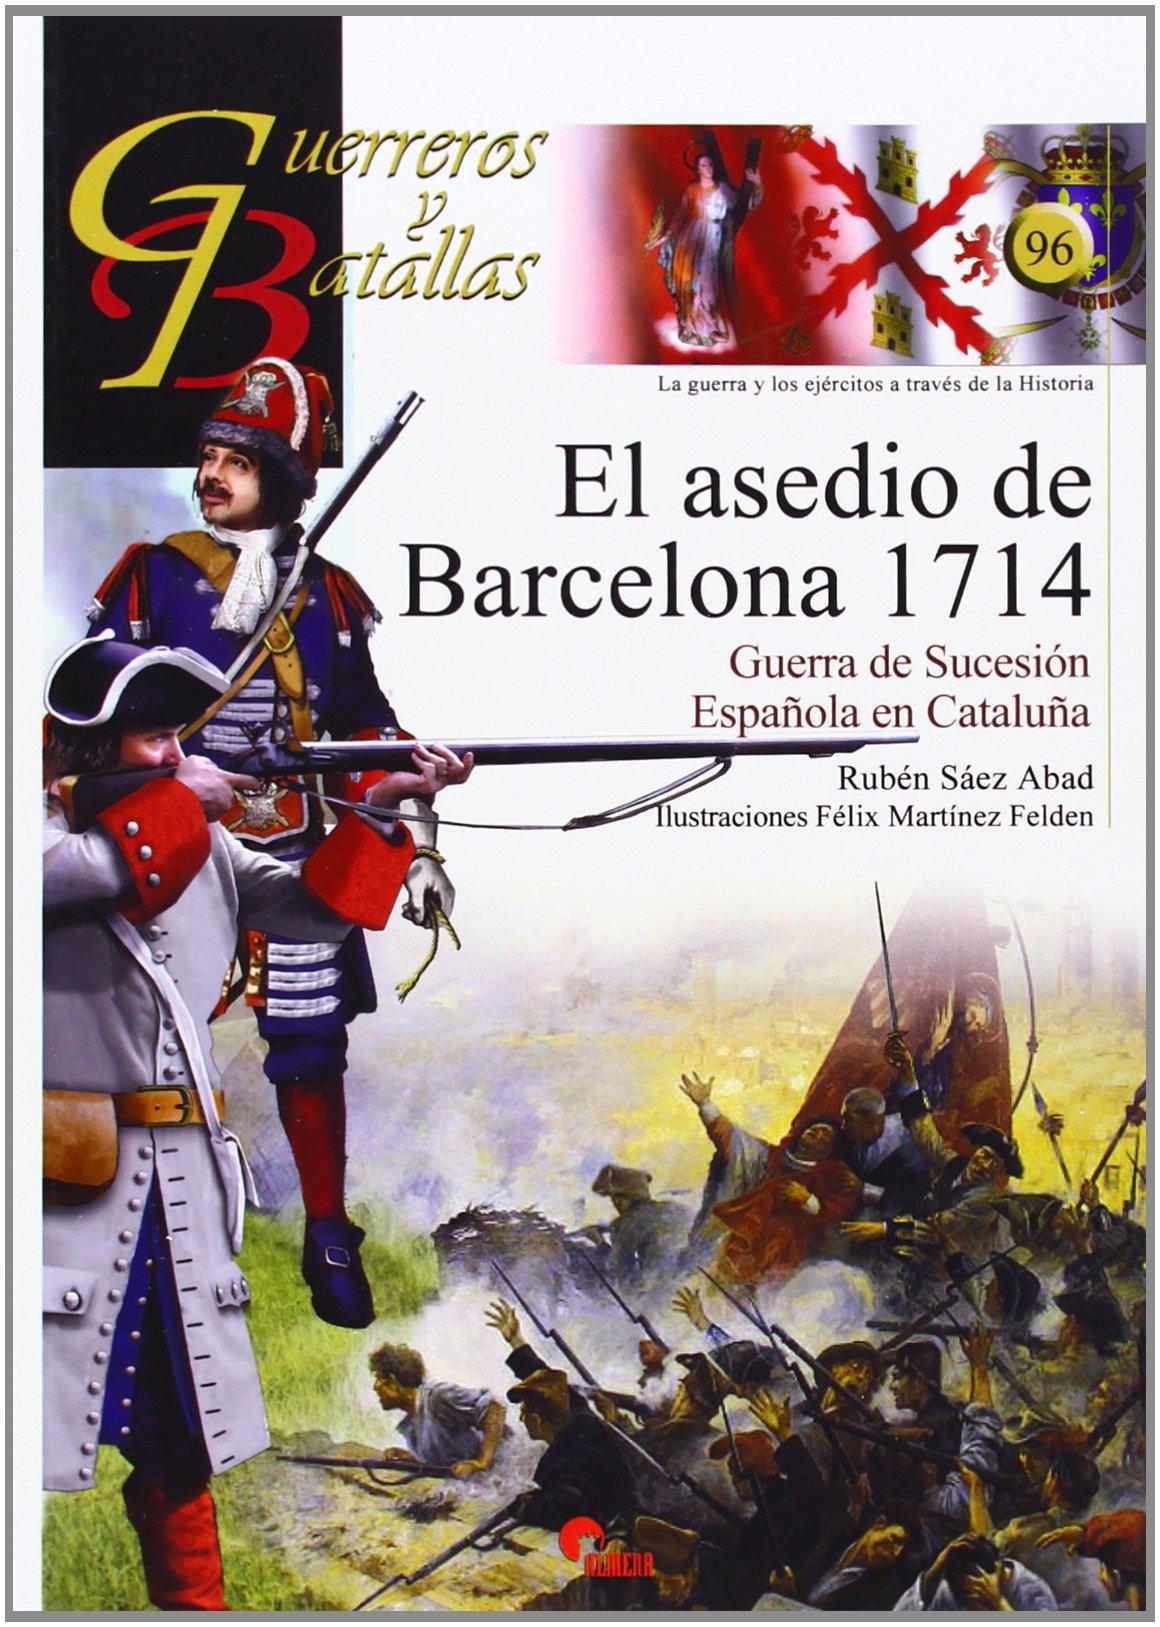 Asedio de Barcelona 1714,El. Guerra de Sucesión Española en Cataluña Guerreros Y Batallas: Amazon.es: Ruben Saez Abad, Ruben Saez Abad: Libros